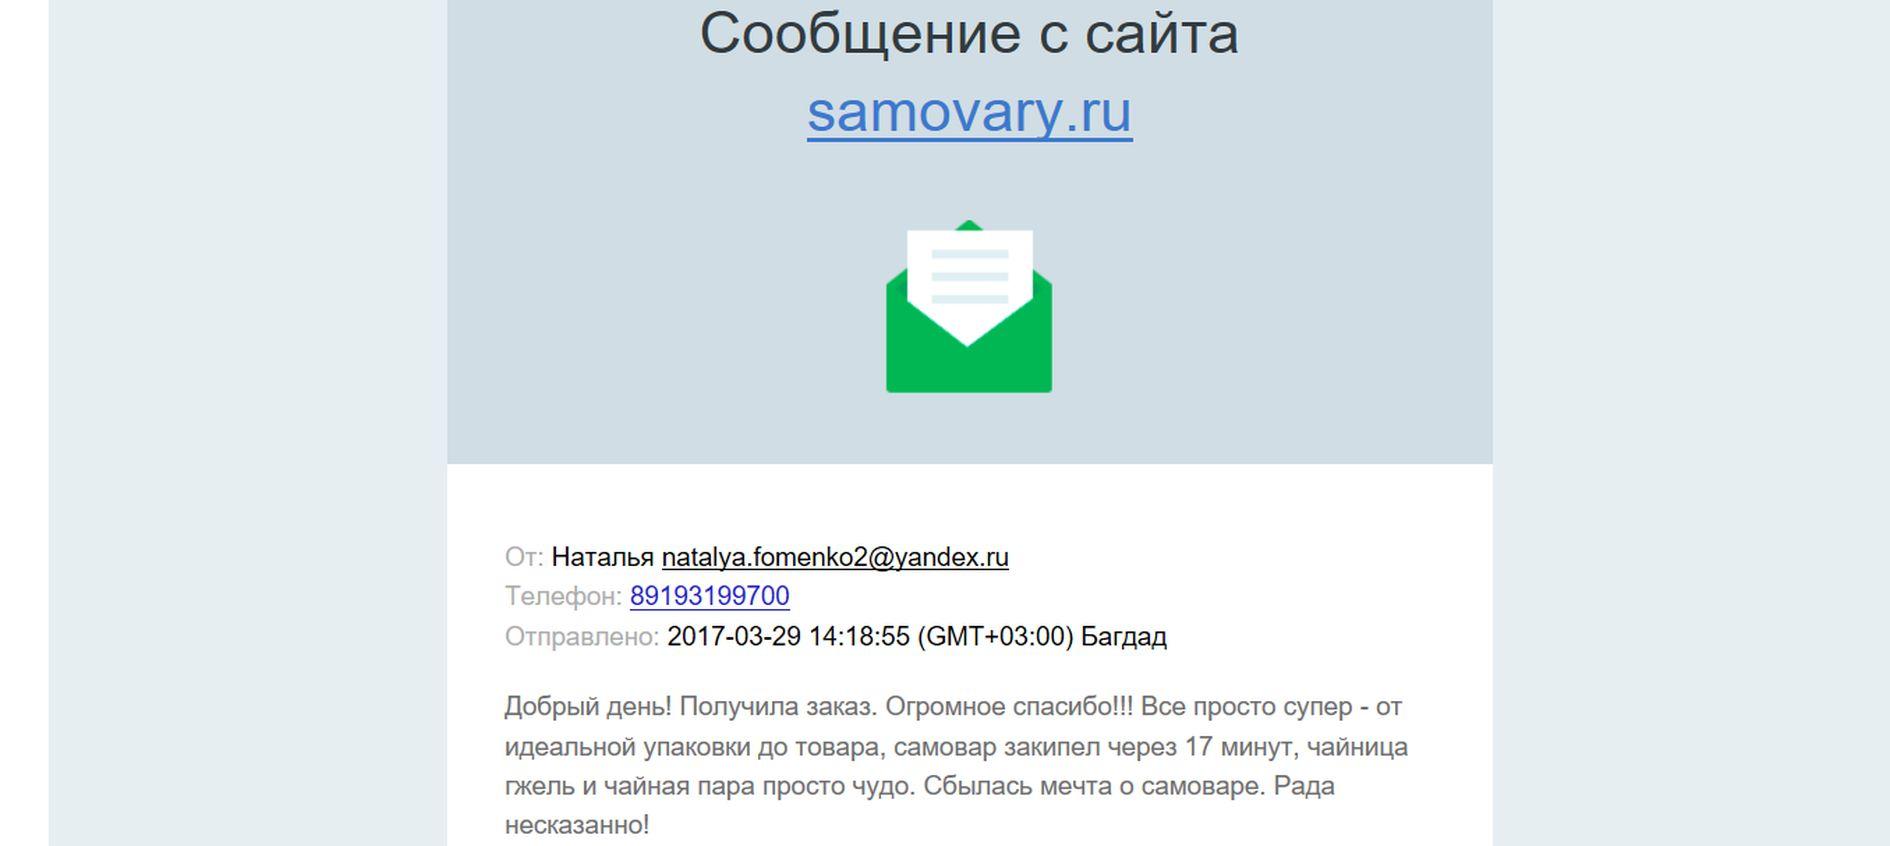 отзыв клиента Самовары.ру из Челябинска